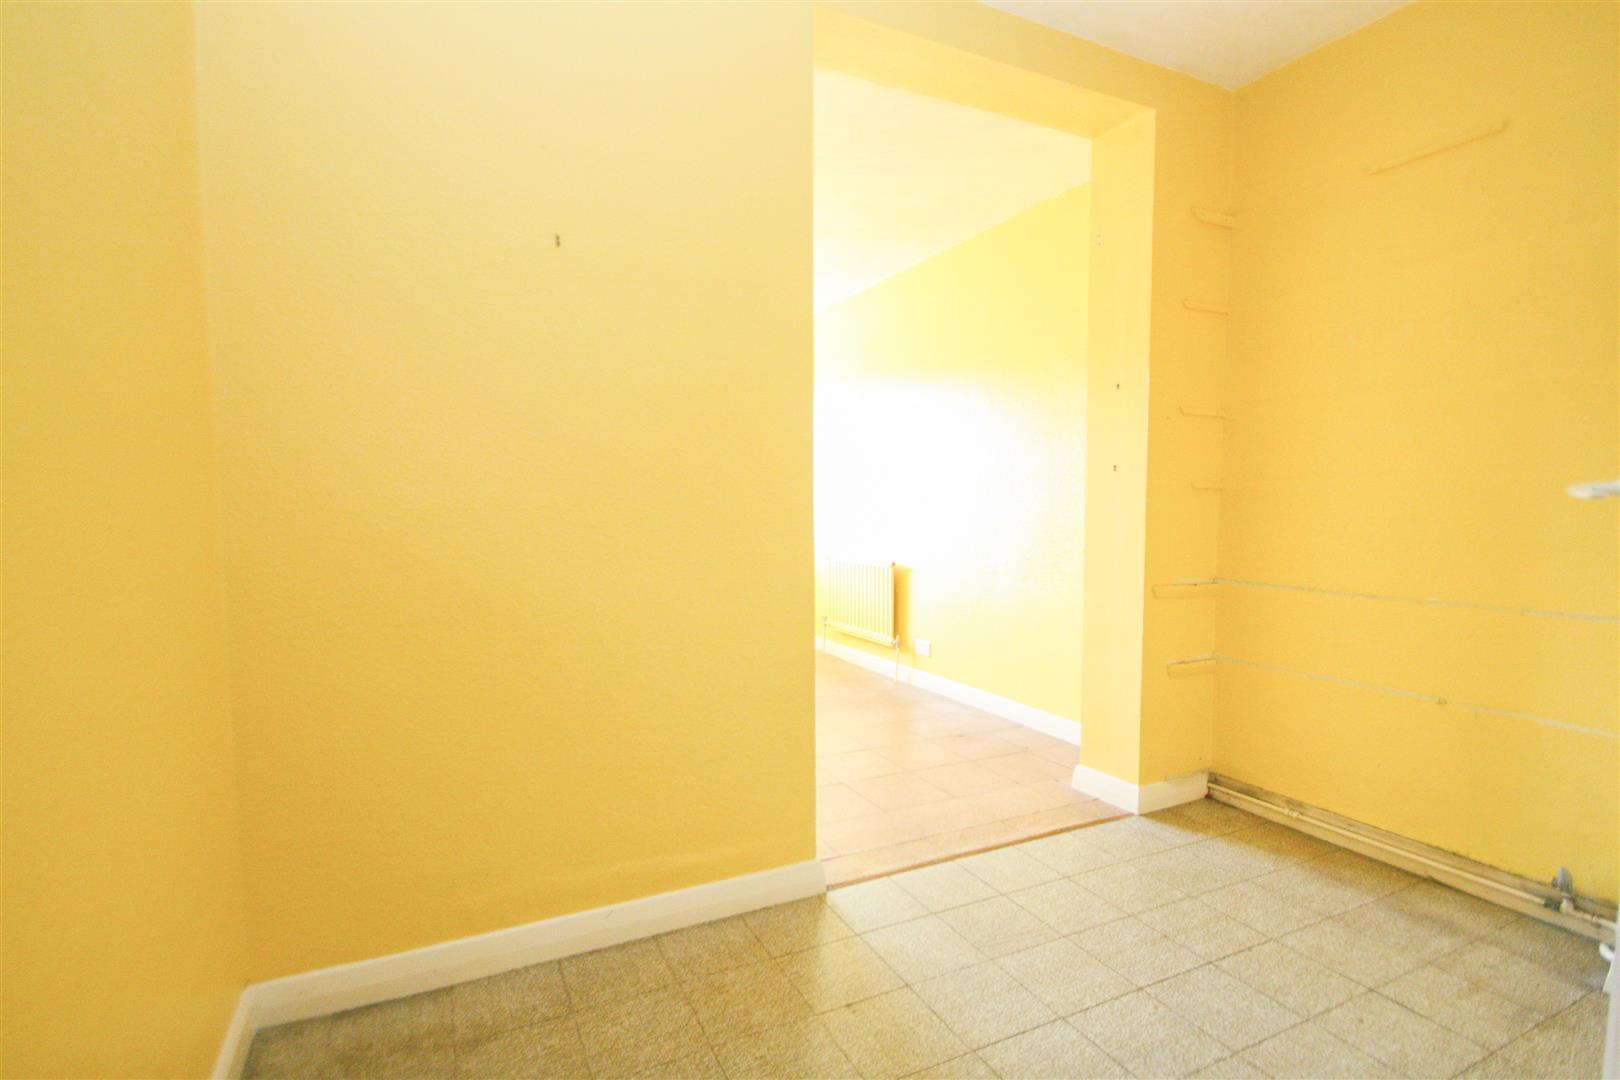 Bedroom 2 wardrobe space